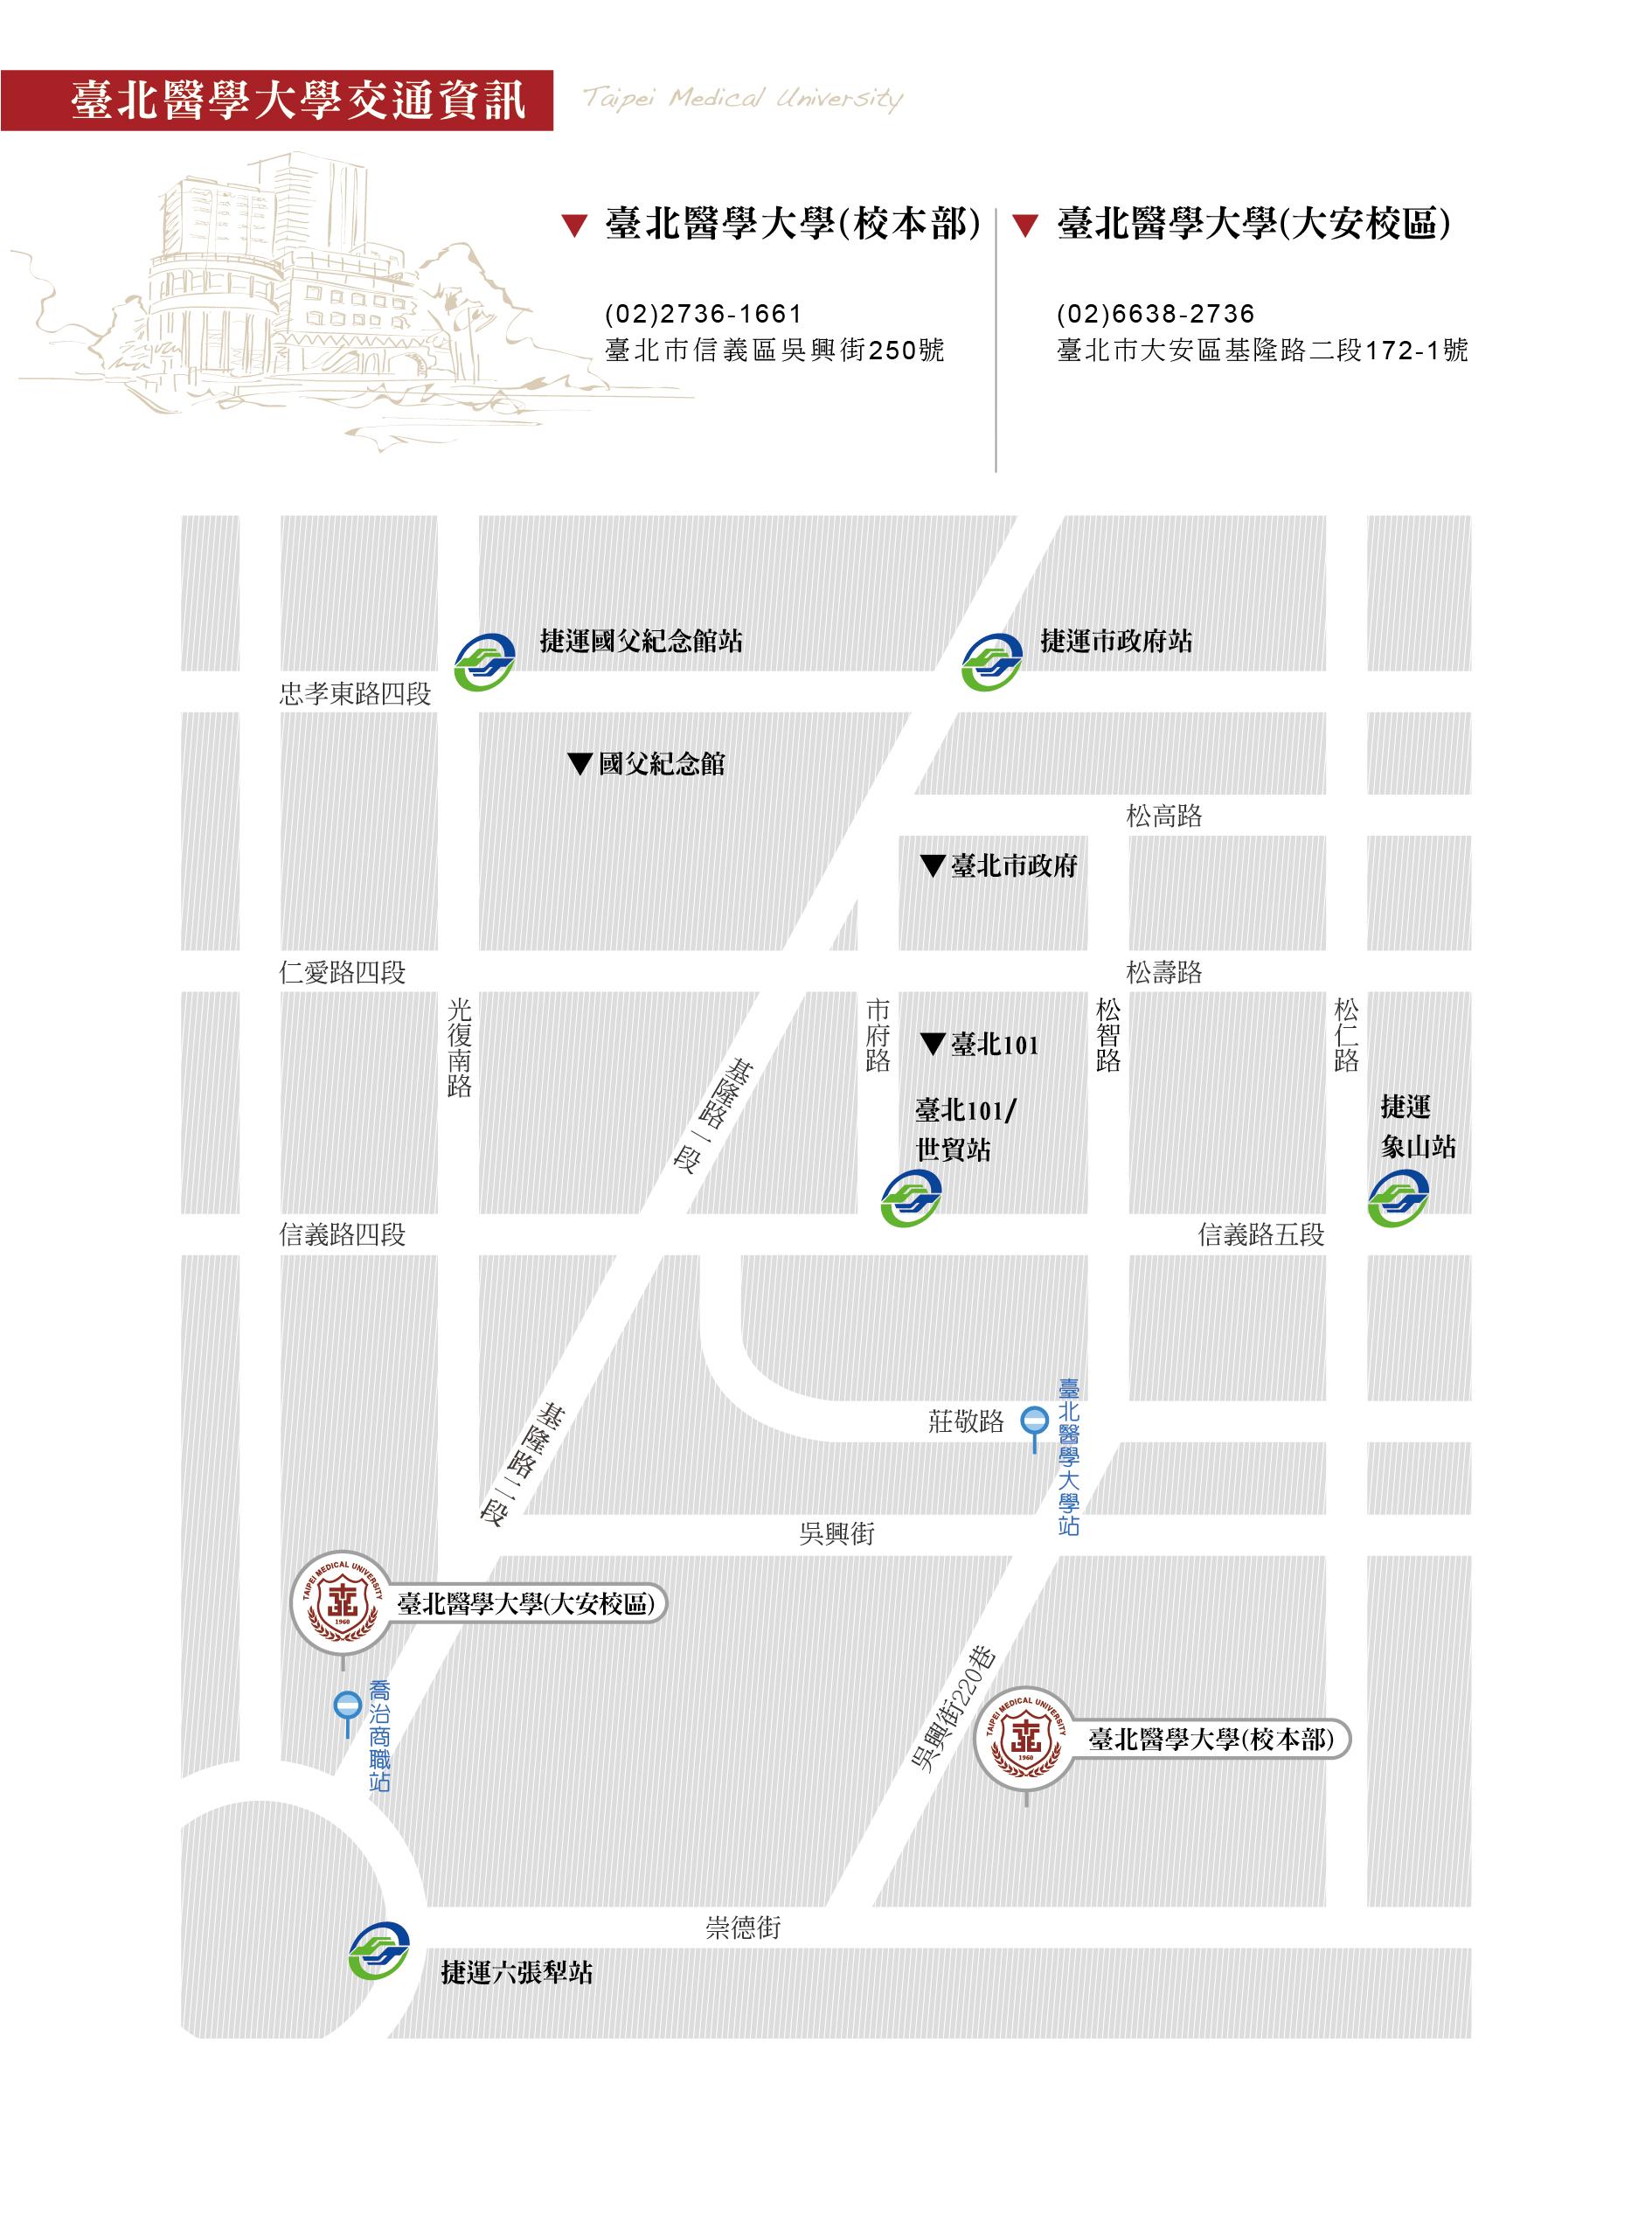 台北醫學大學交通資訊包含校本部與大安校區